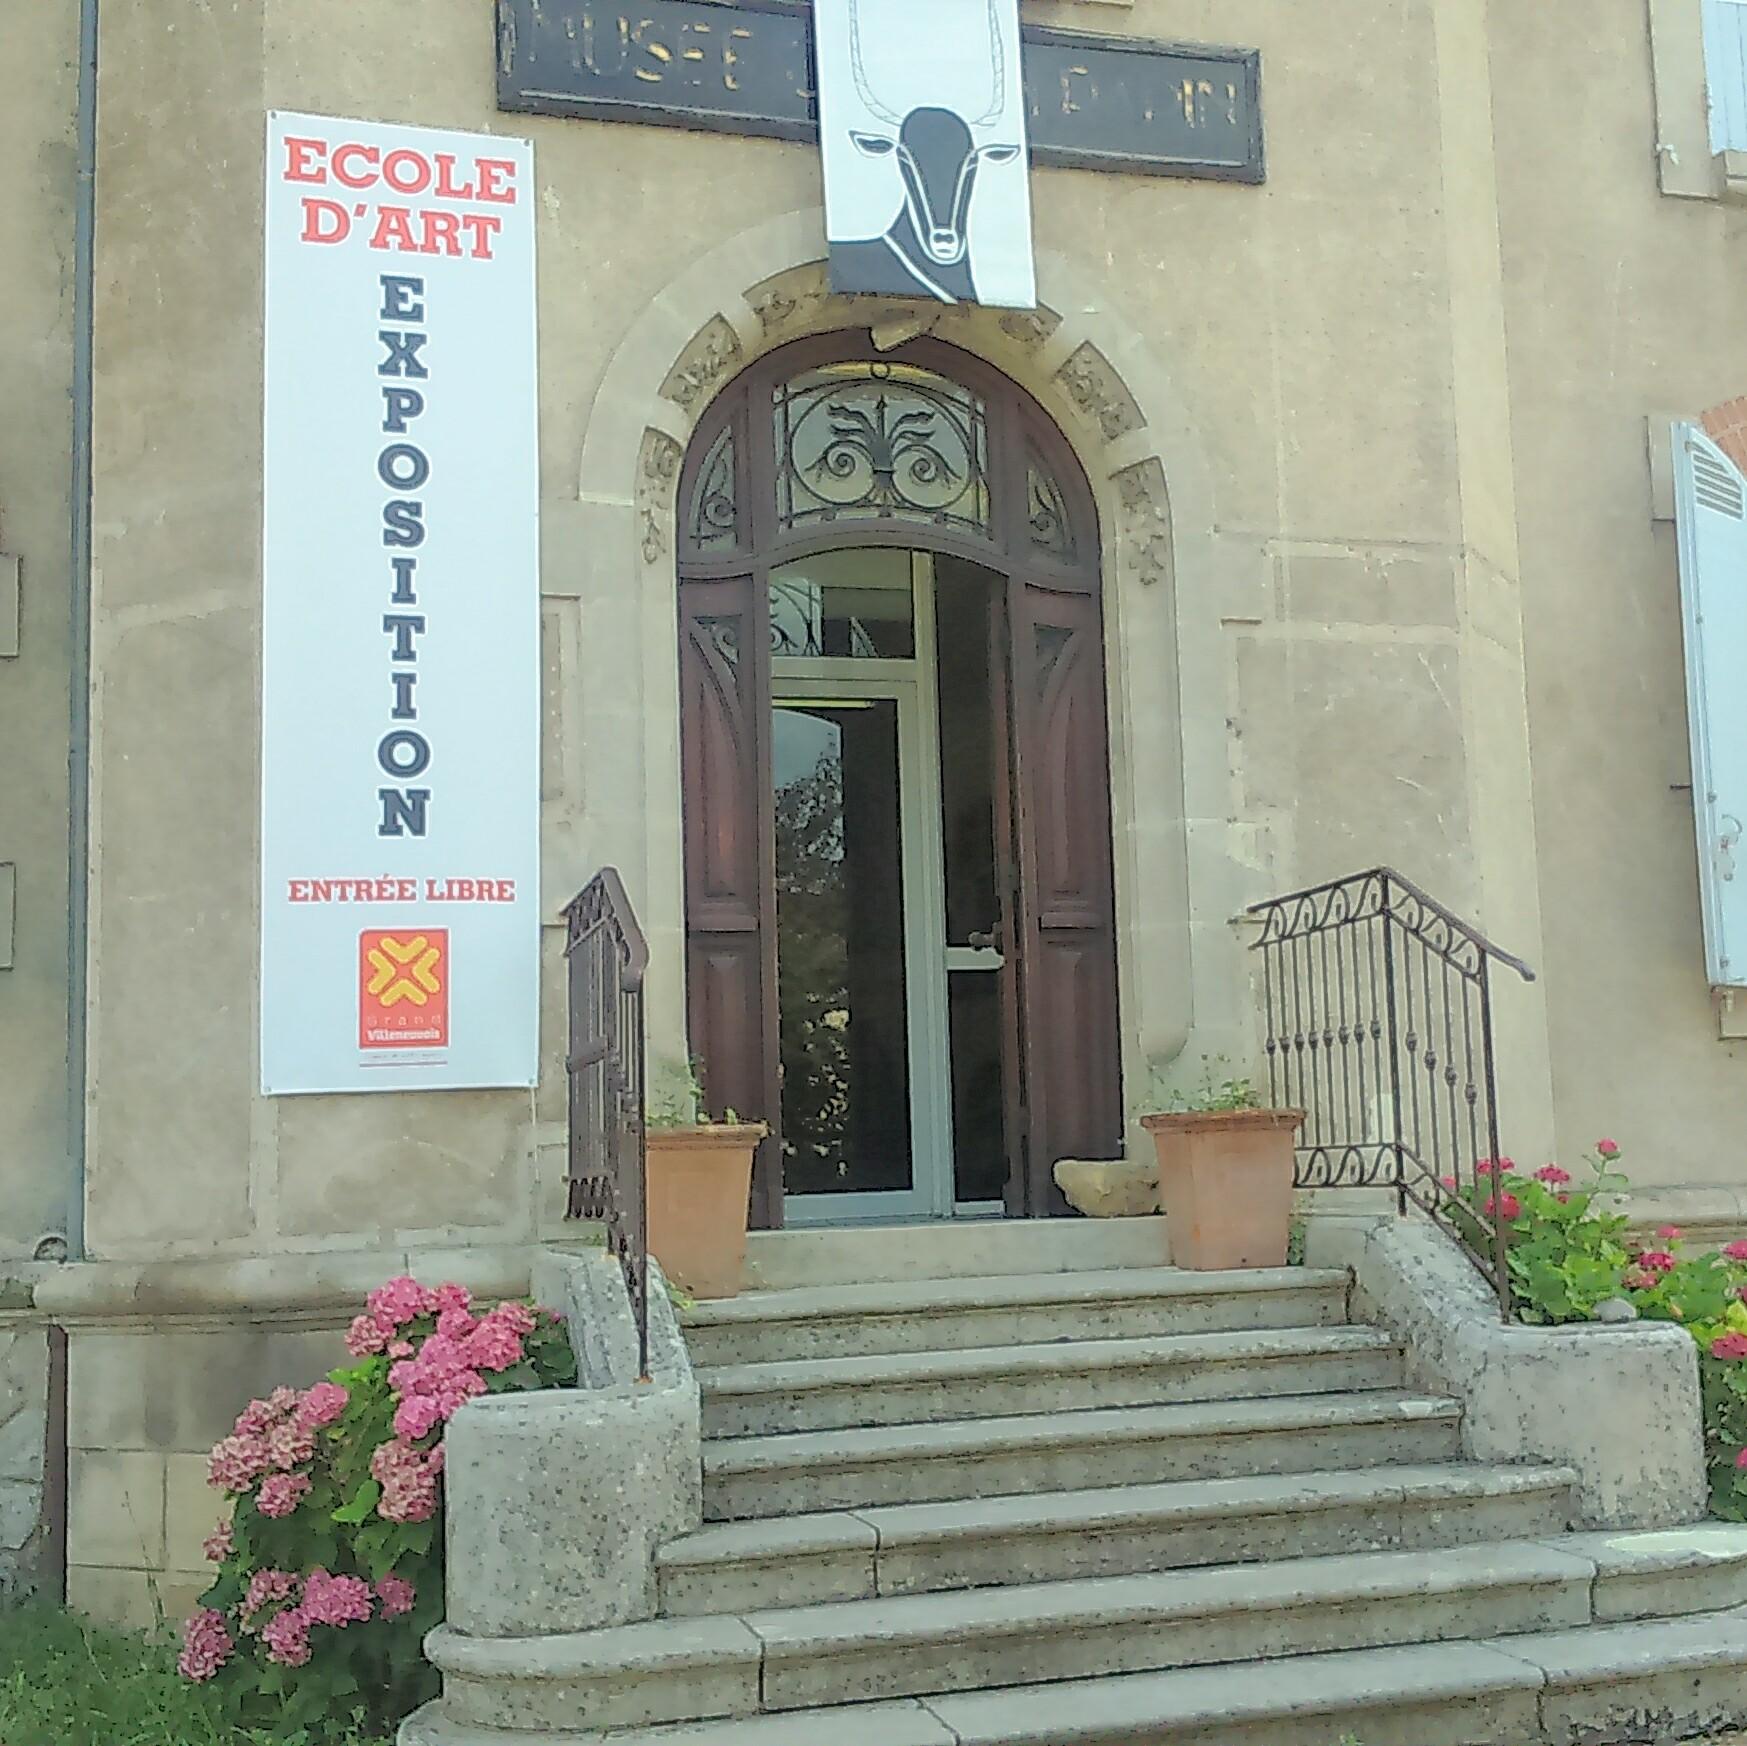 École d'art André Malraux